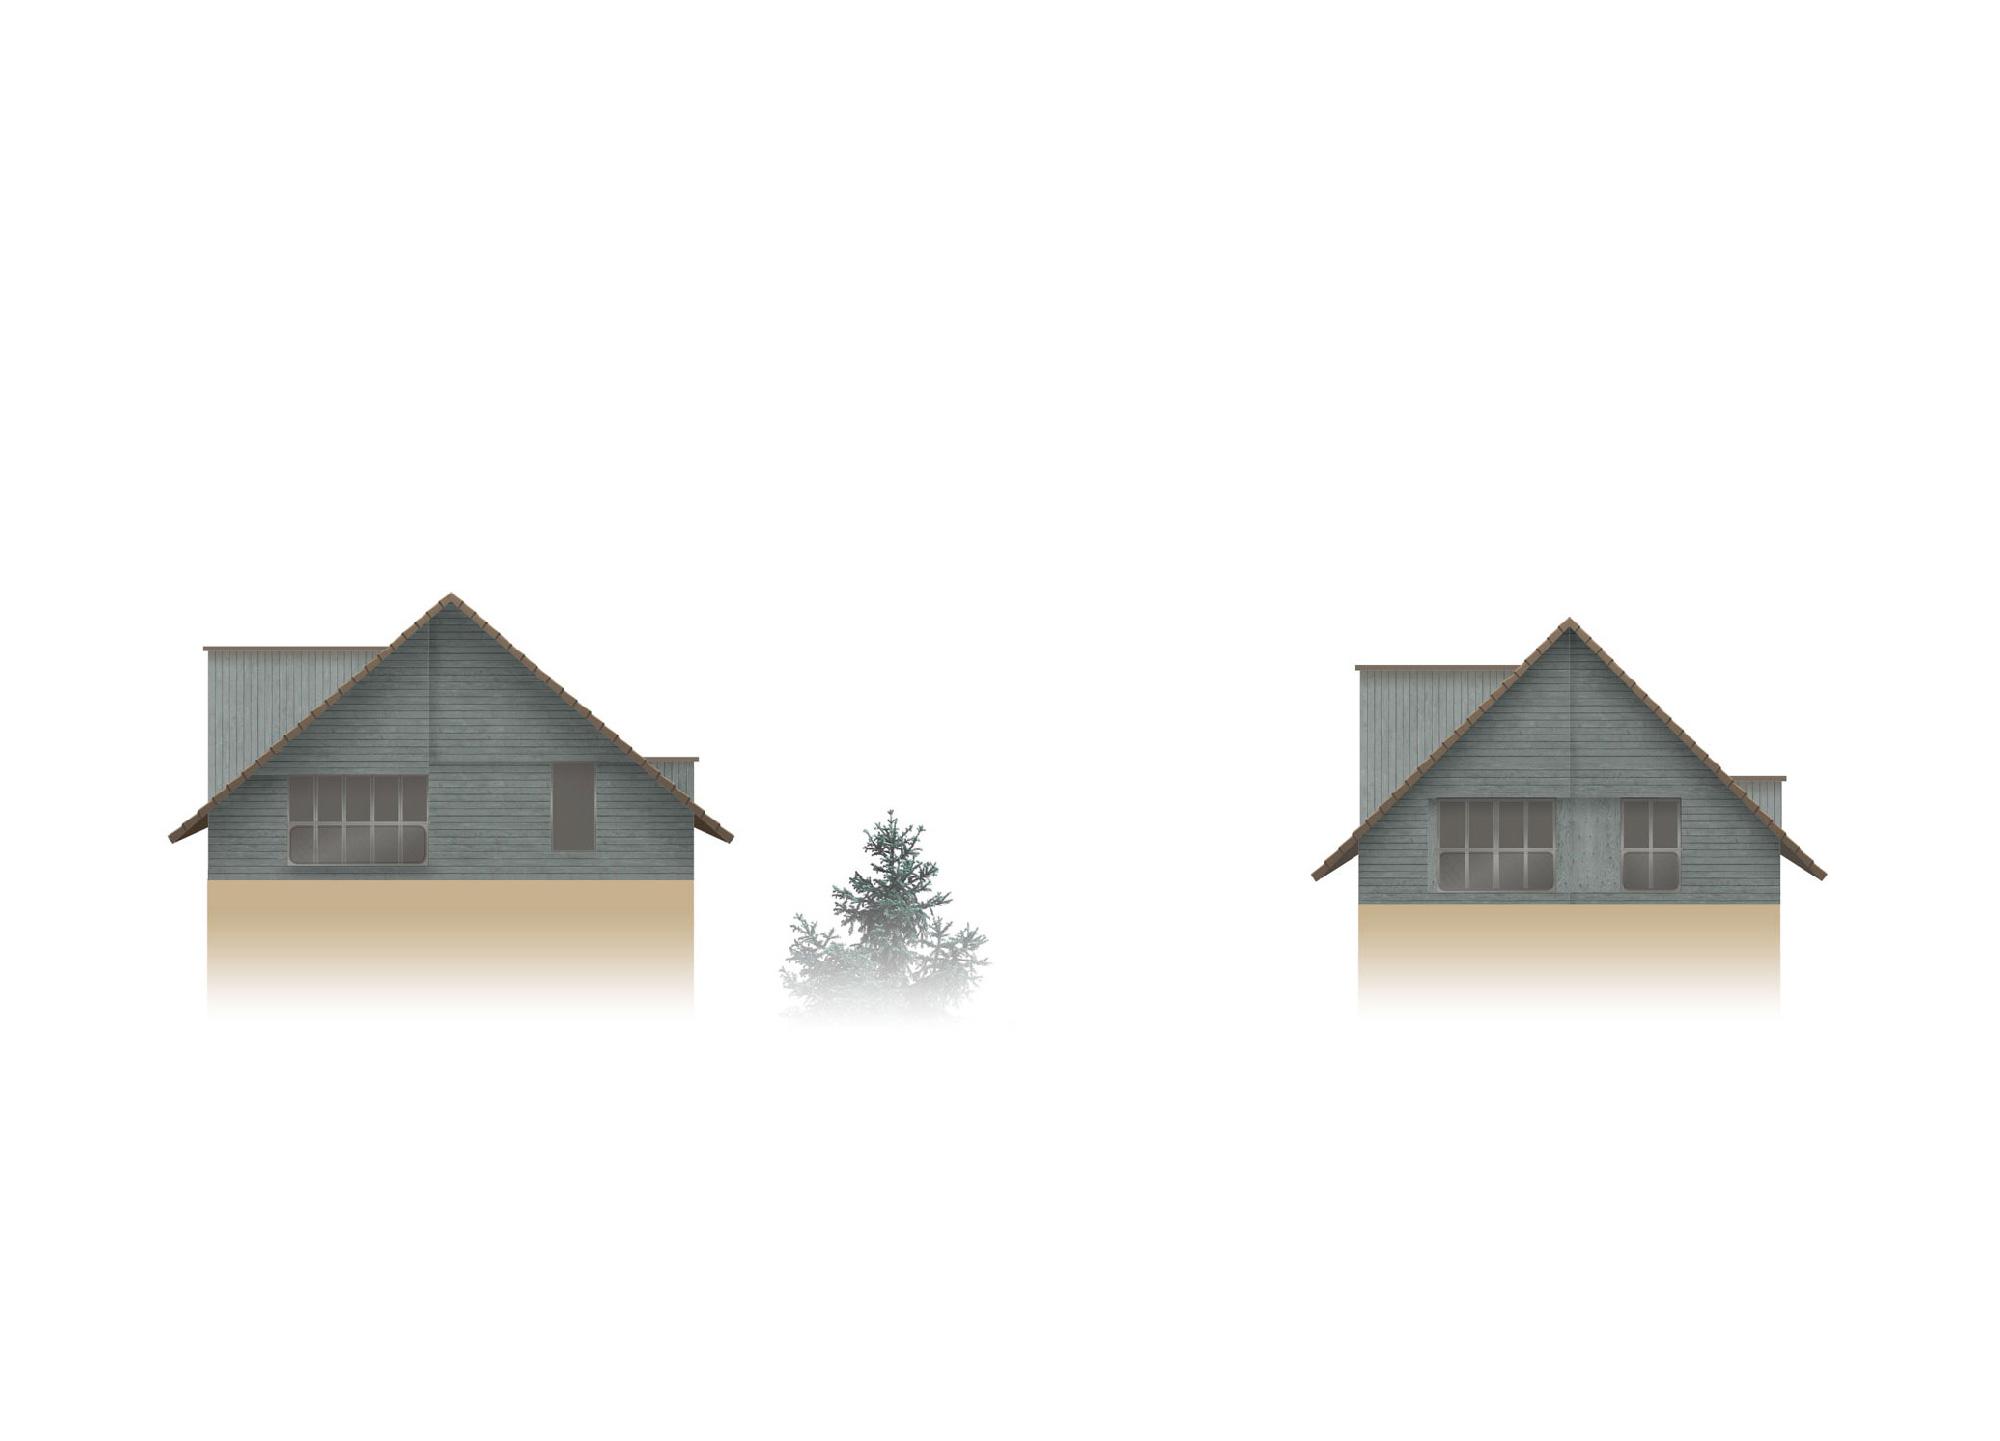 Dunkelgrün lasiertes Holz lässt das Neue vom Alten unterscheiden